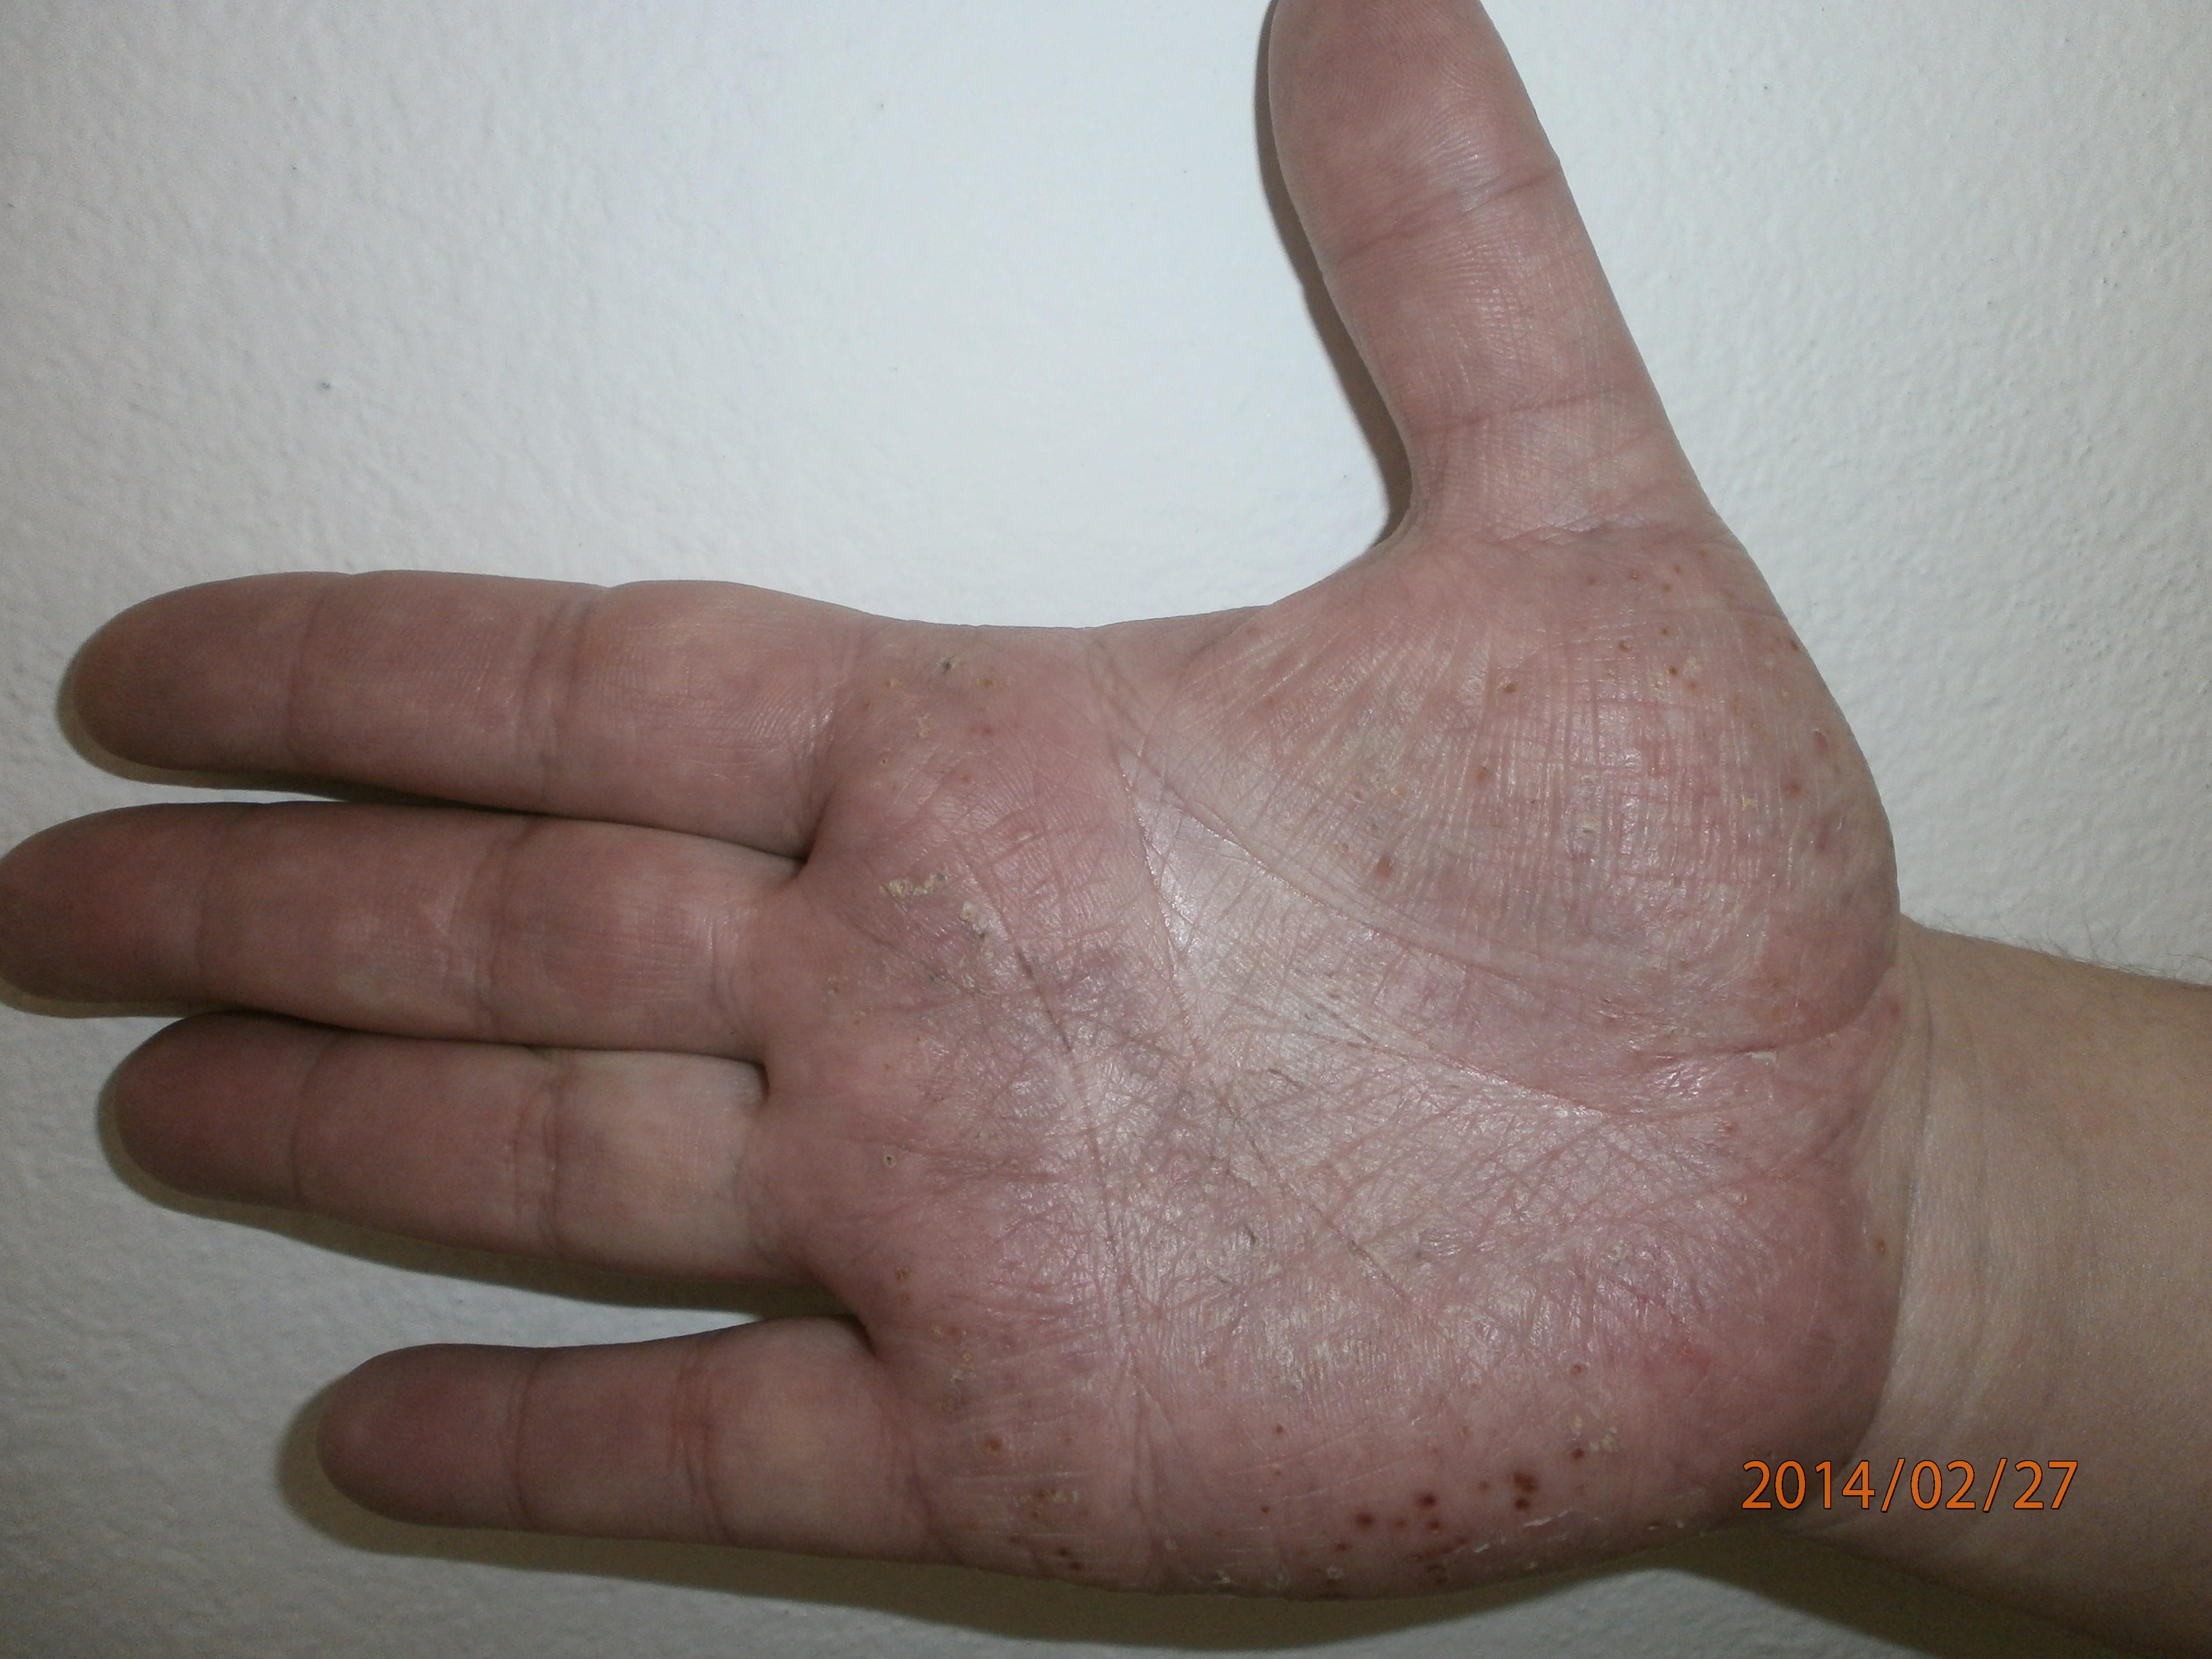 Gennyes hólyagok rabjai - pikkelysömör a talpon és a tenyéren